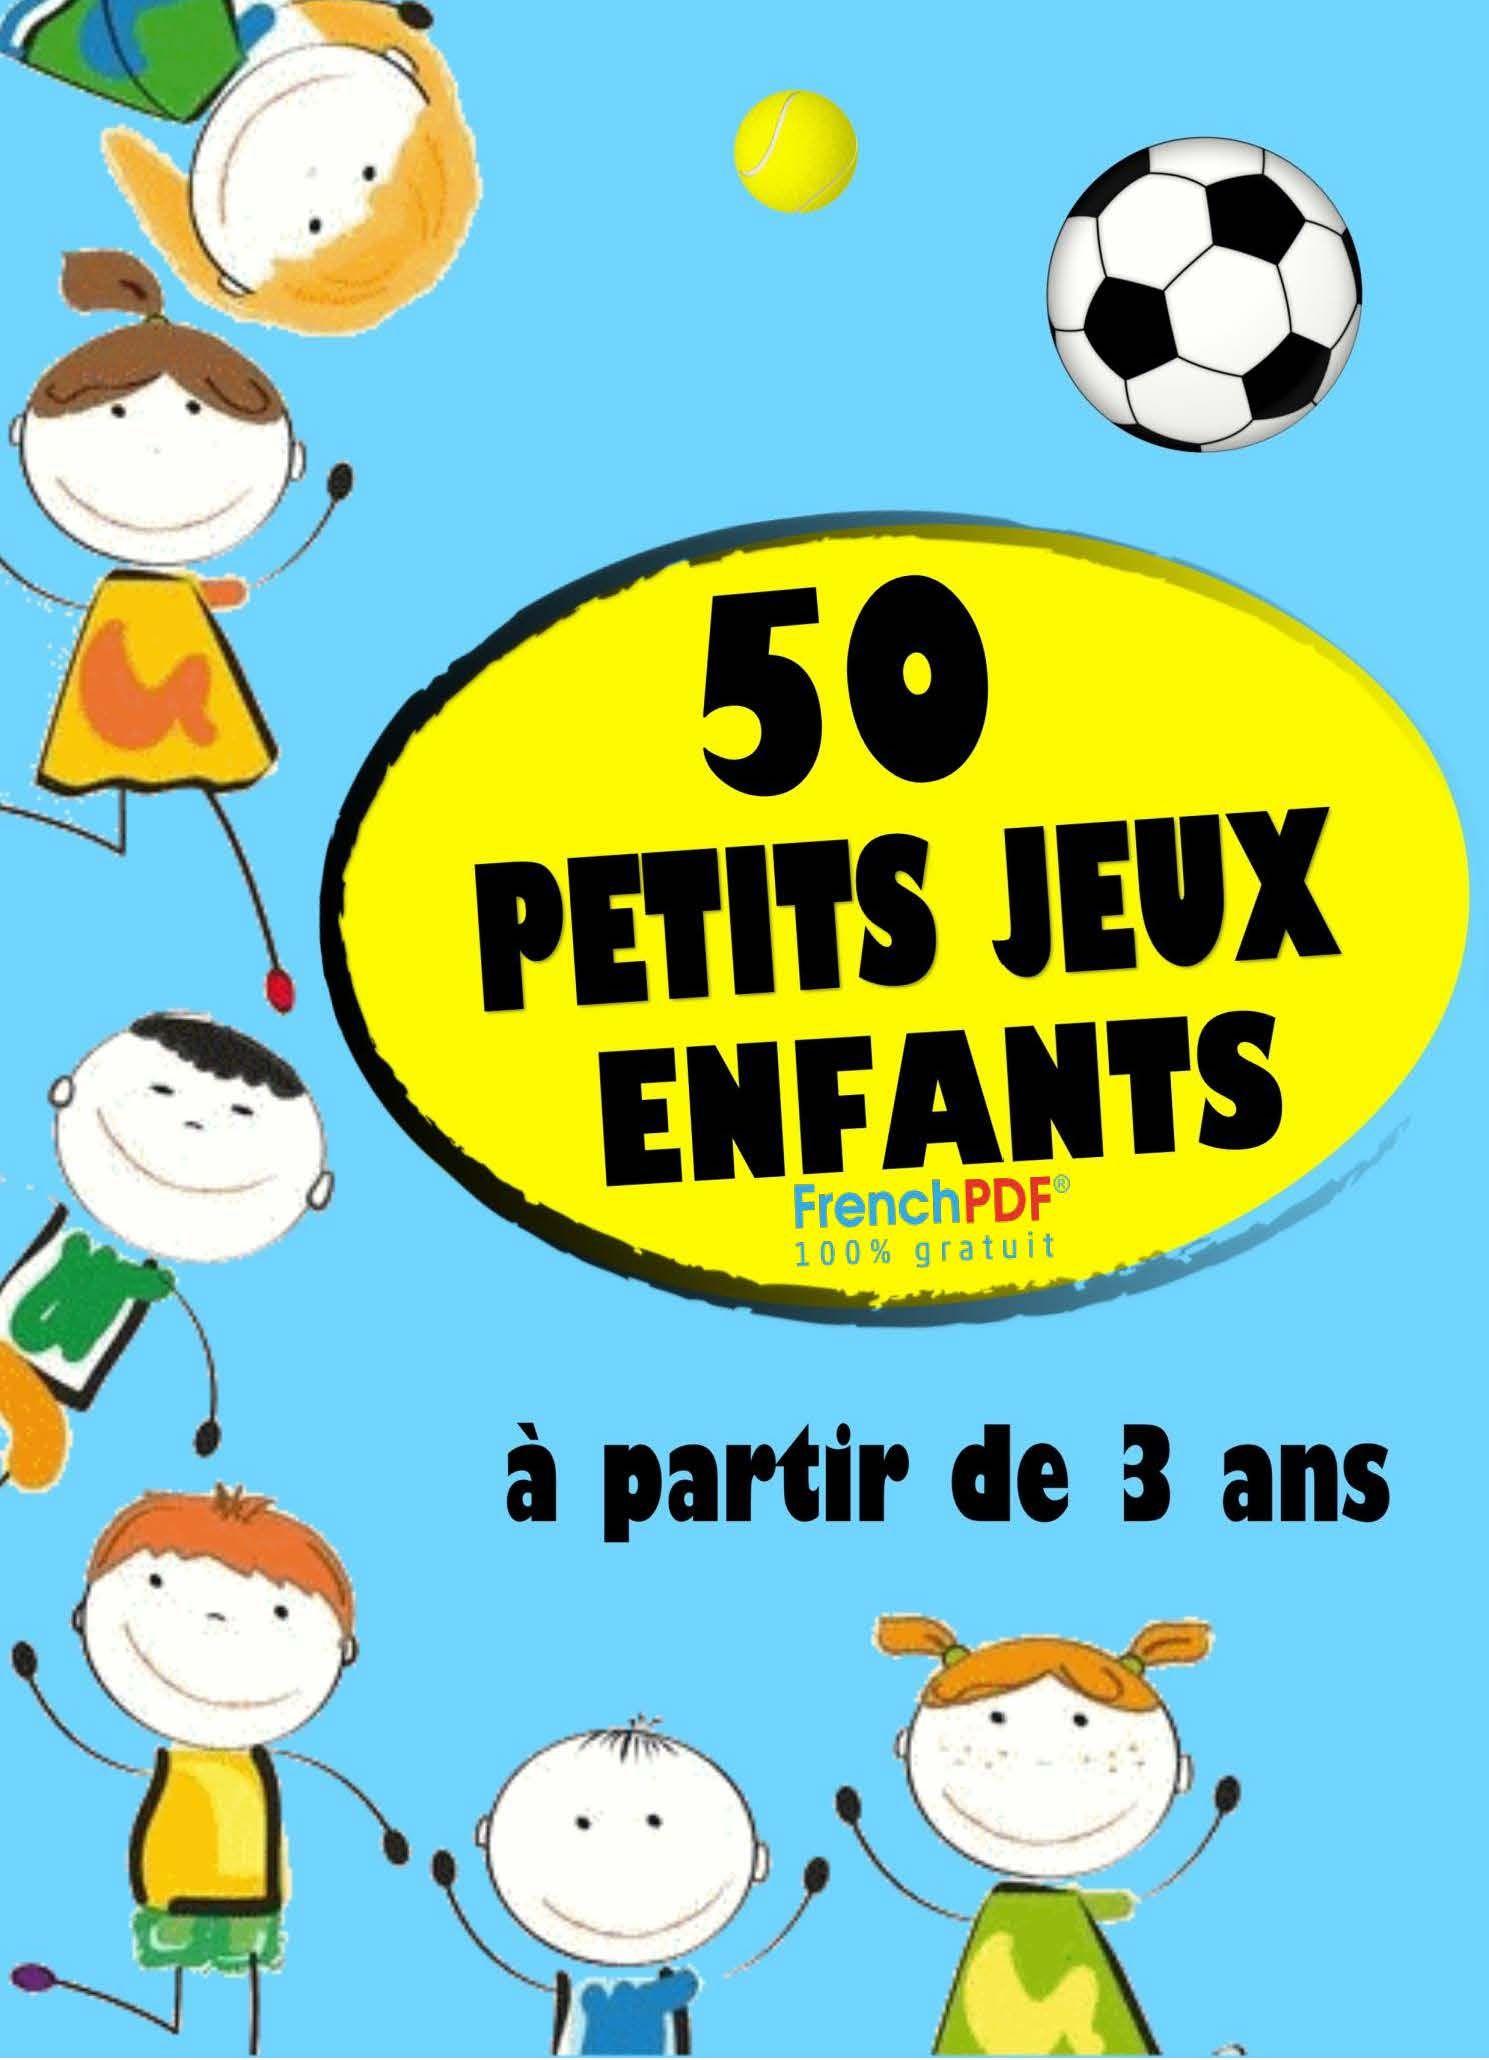 50 Petits Jeux Enfants À Partir 3 Ans Pdf Gratuit Sur concernant Jeux Gratuit 3 Ans